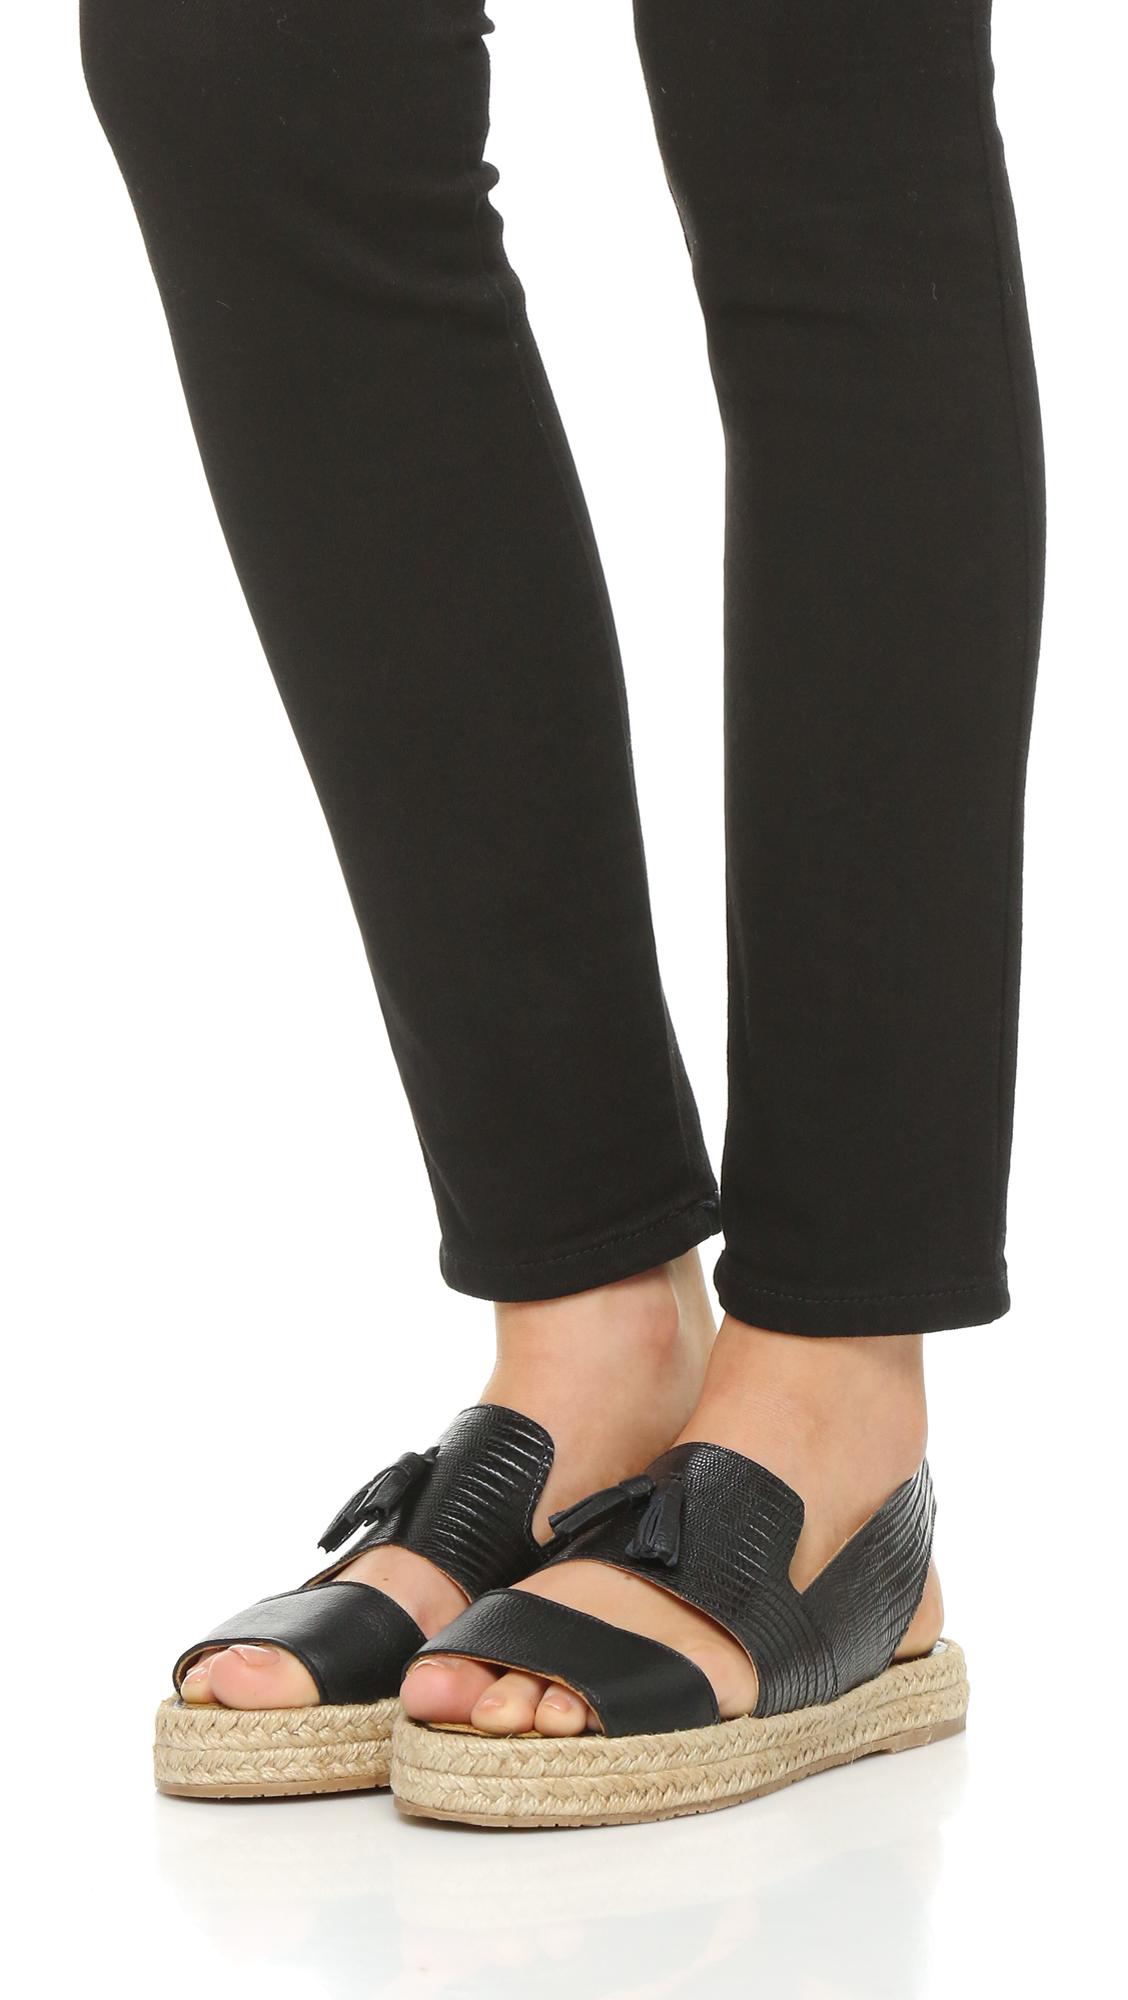 Kaanas Black Kaanas Malta Flatforms Sandals